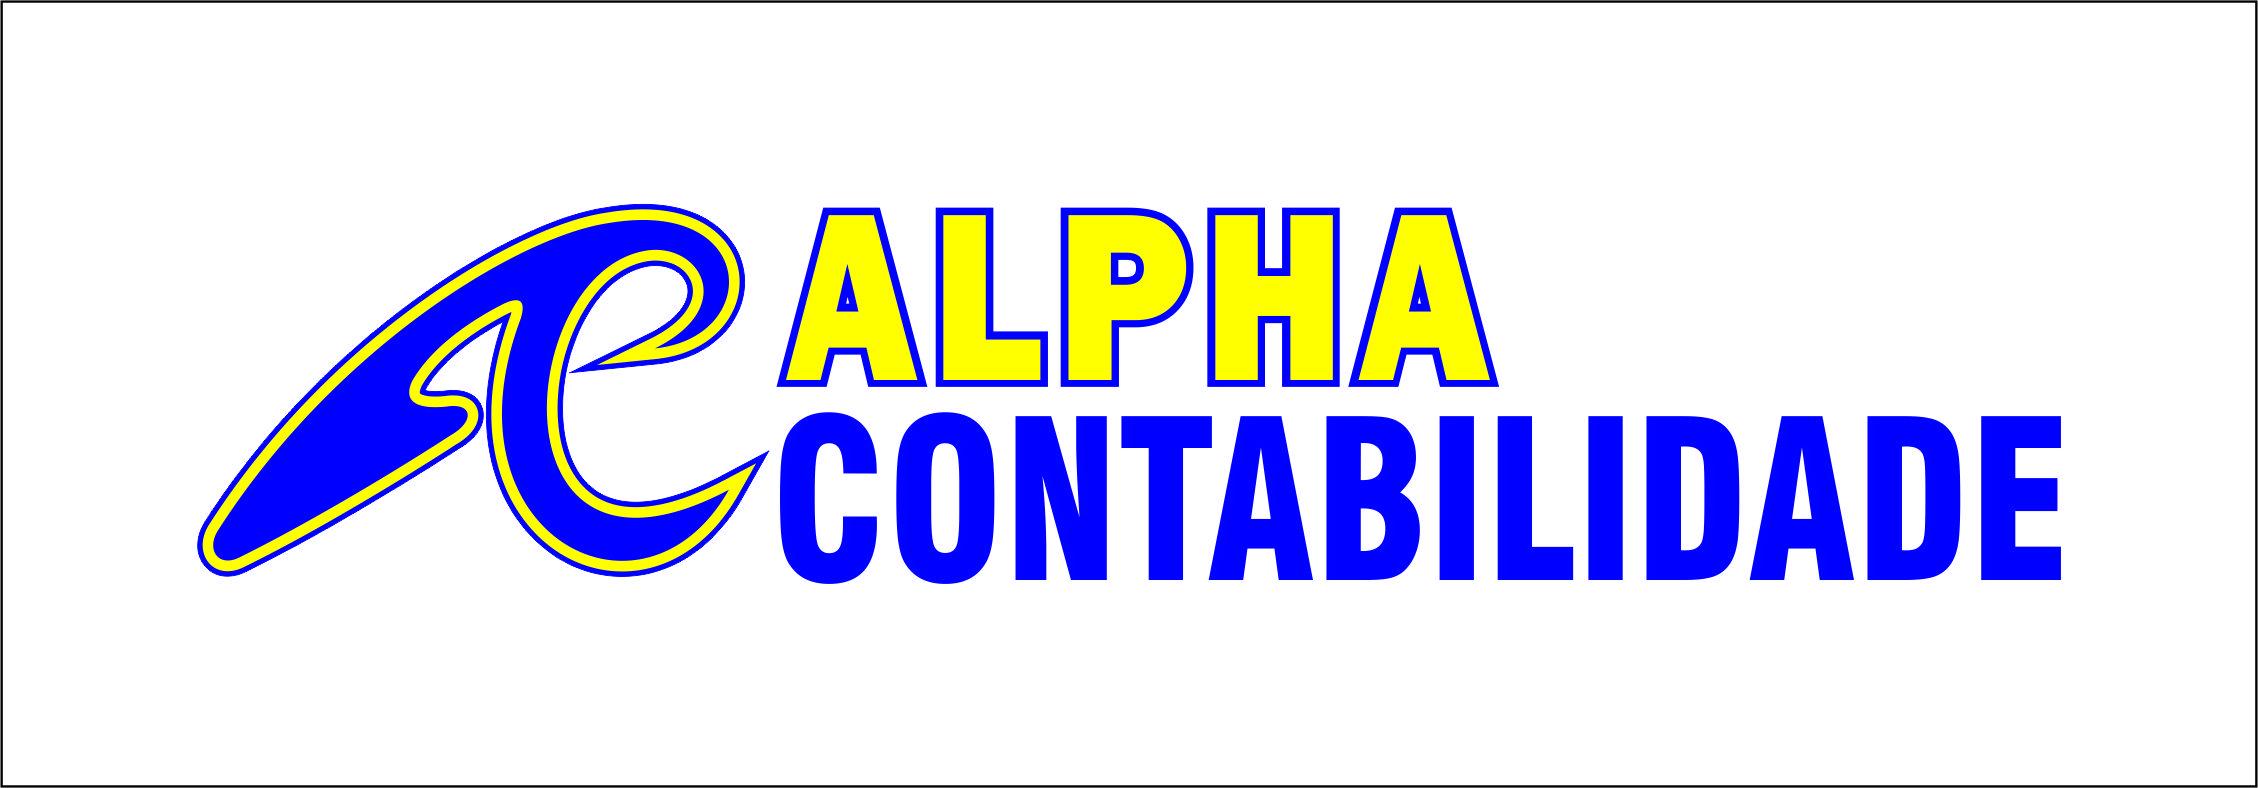 Contabilidade - Alpha Contabilidade - Porto Velho ced6b78b67